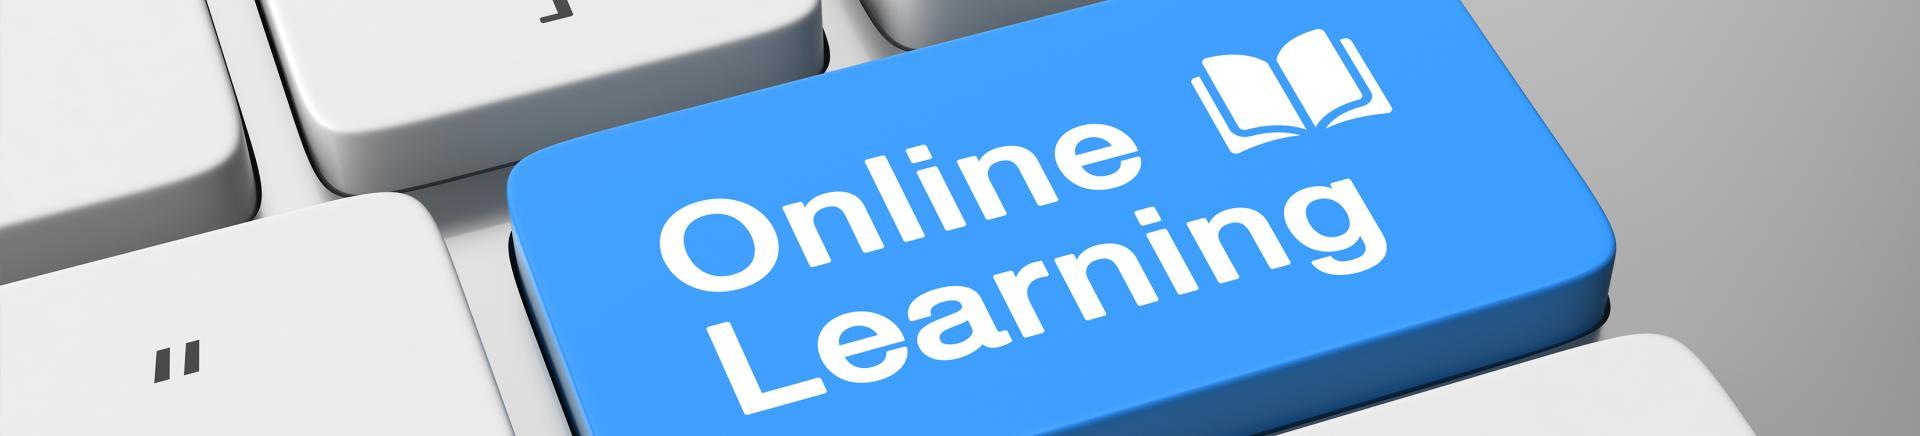 Web-Based Training Avaliable